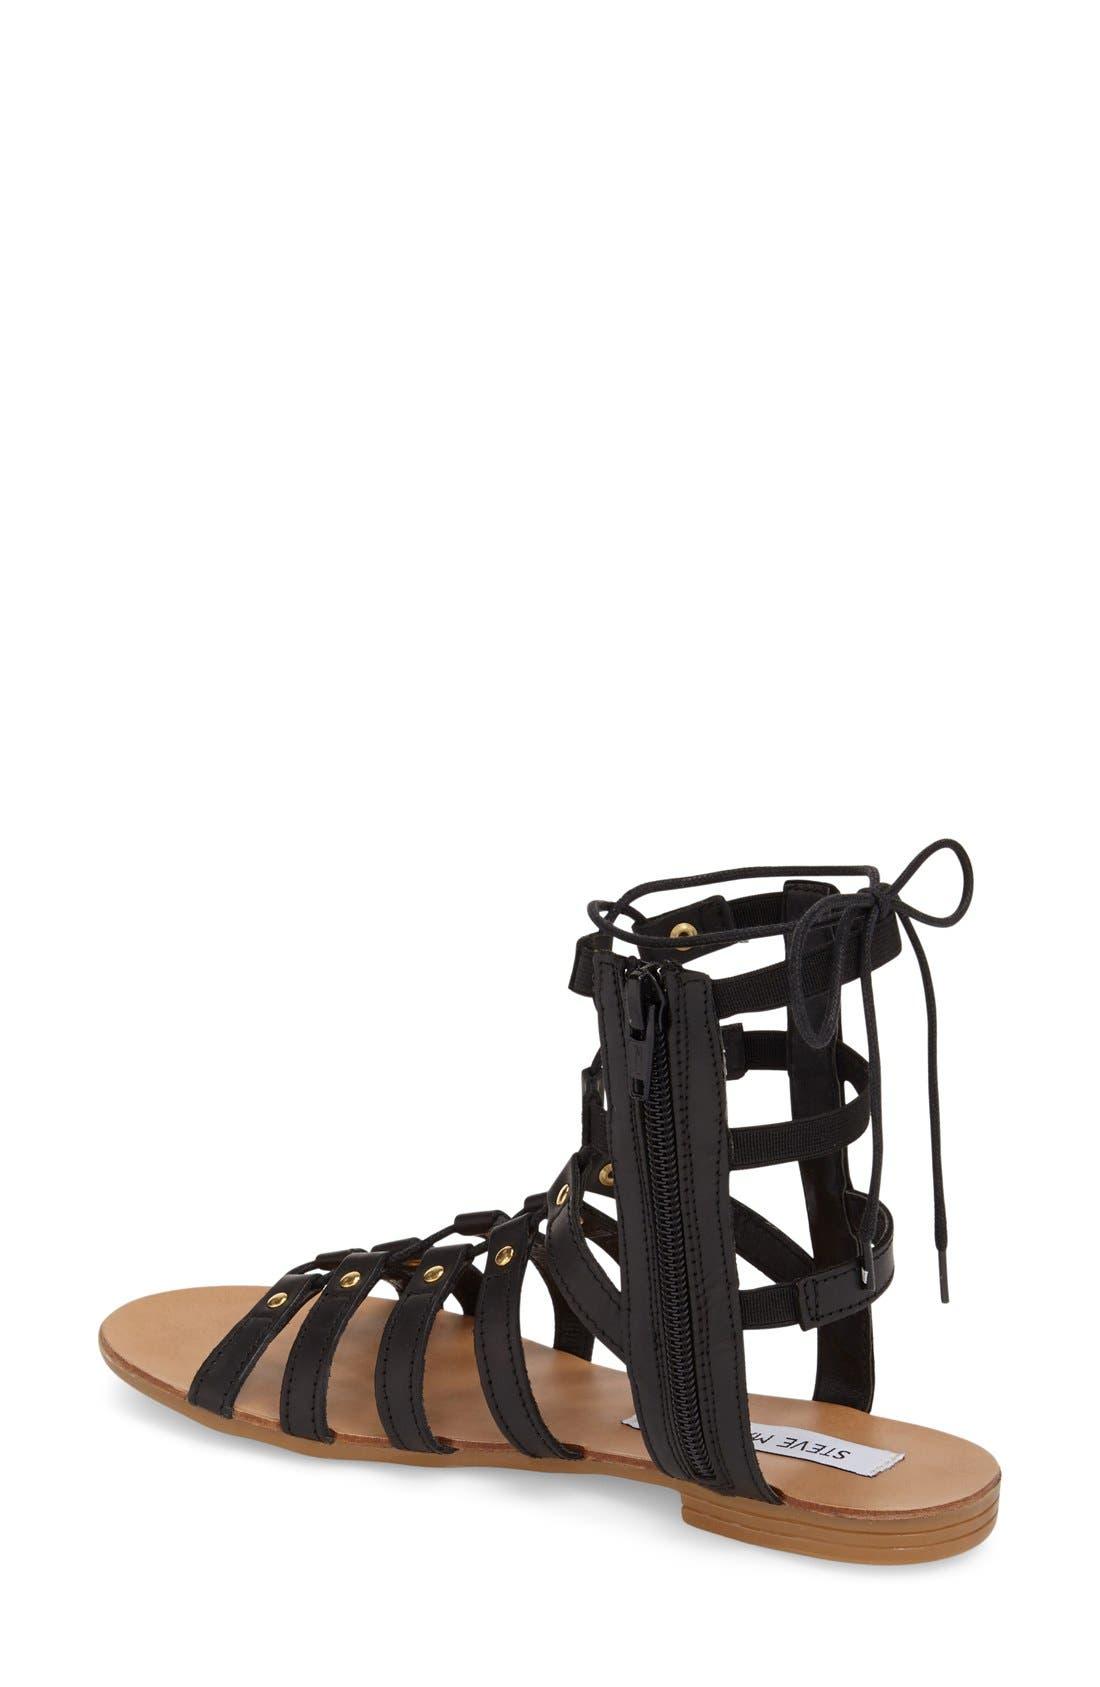 Alternate Image 2  - Steve Madden 'Sparra' Gladiator Sandal (Women)